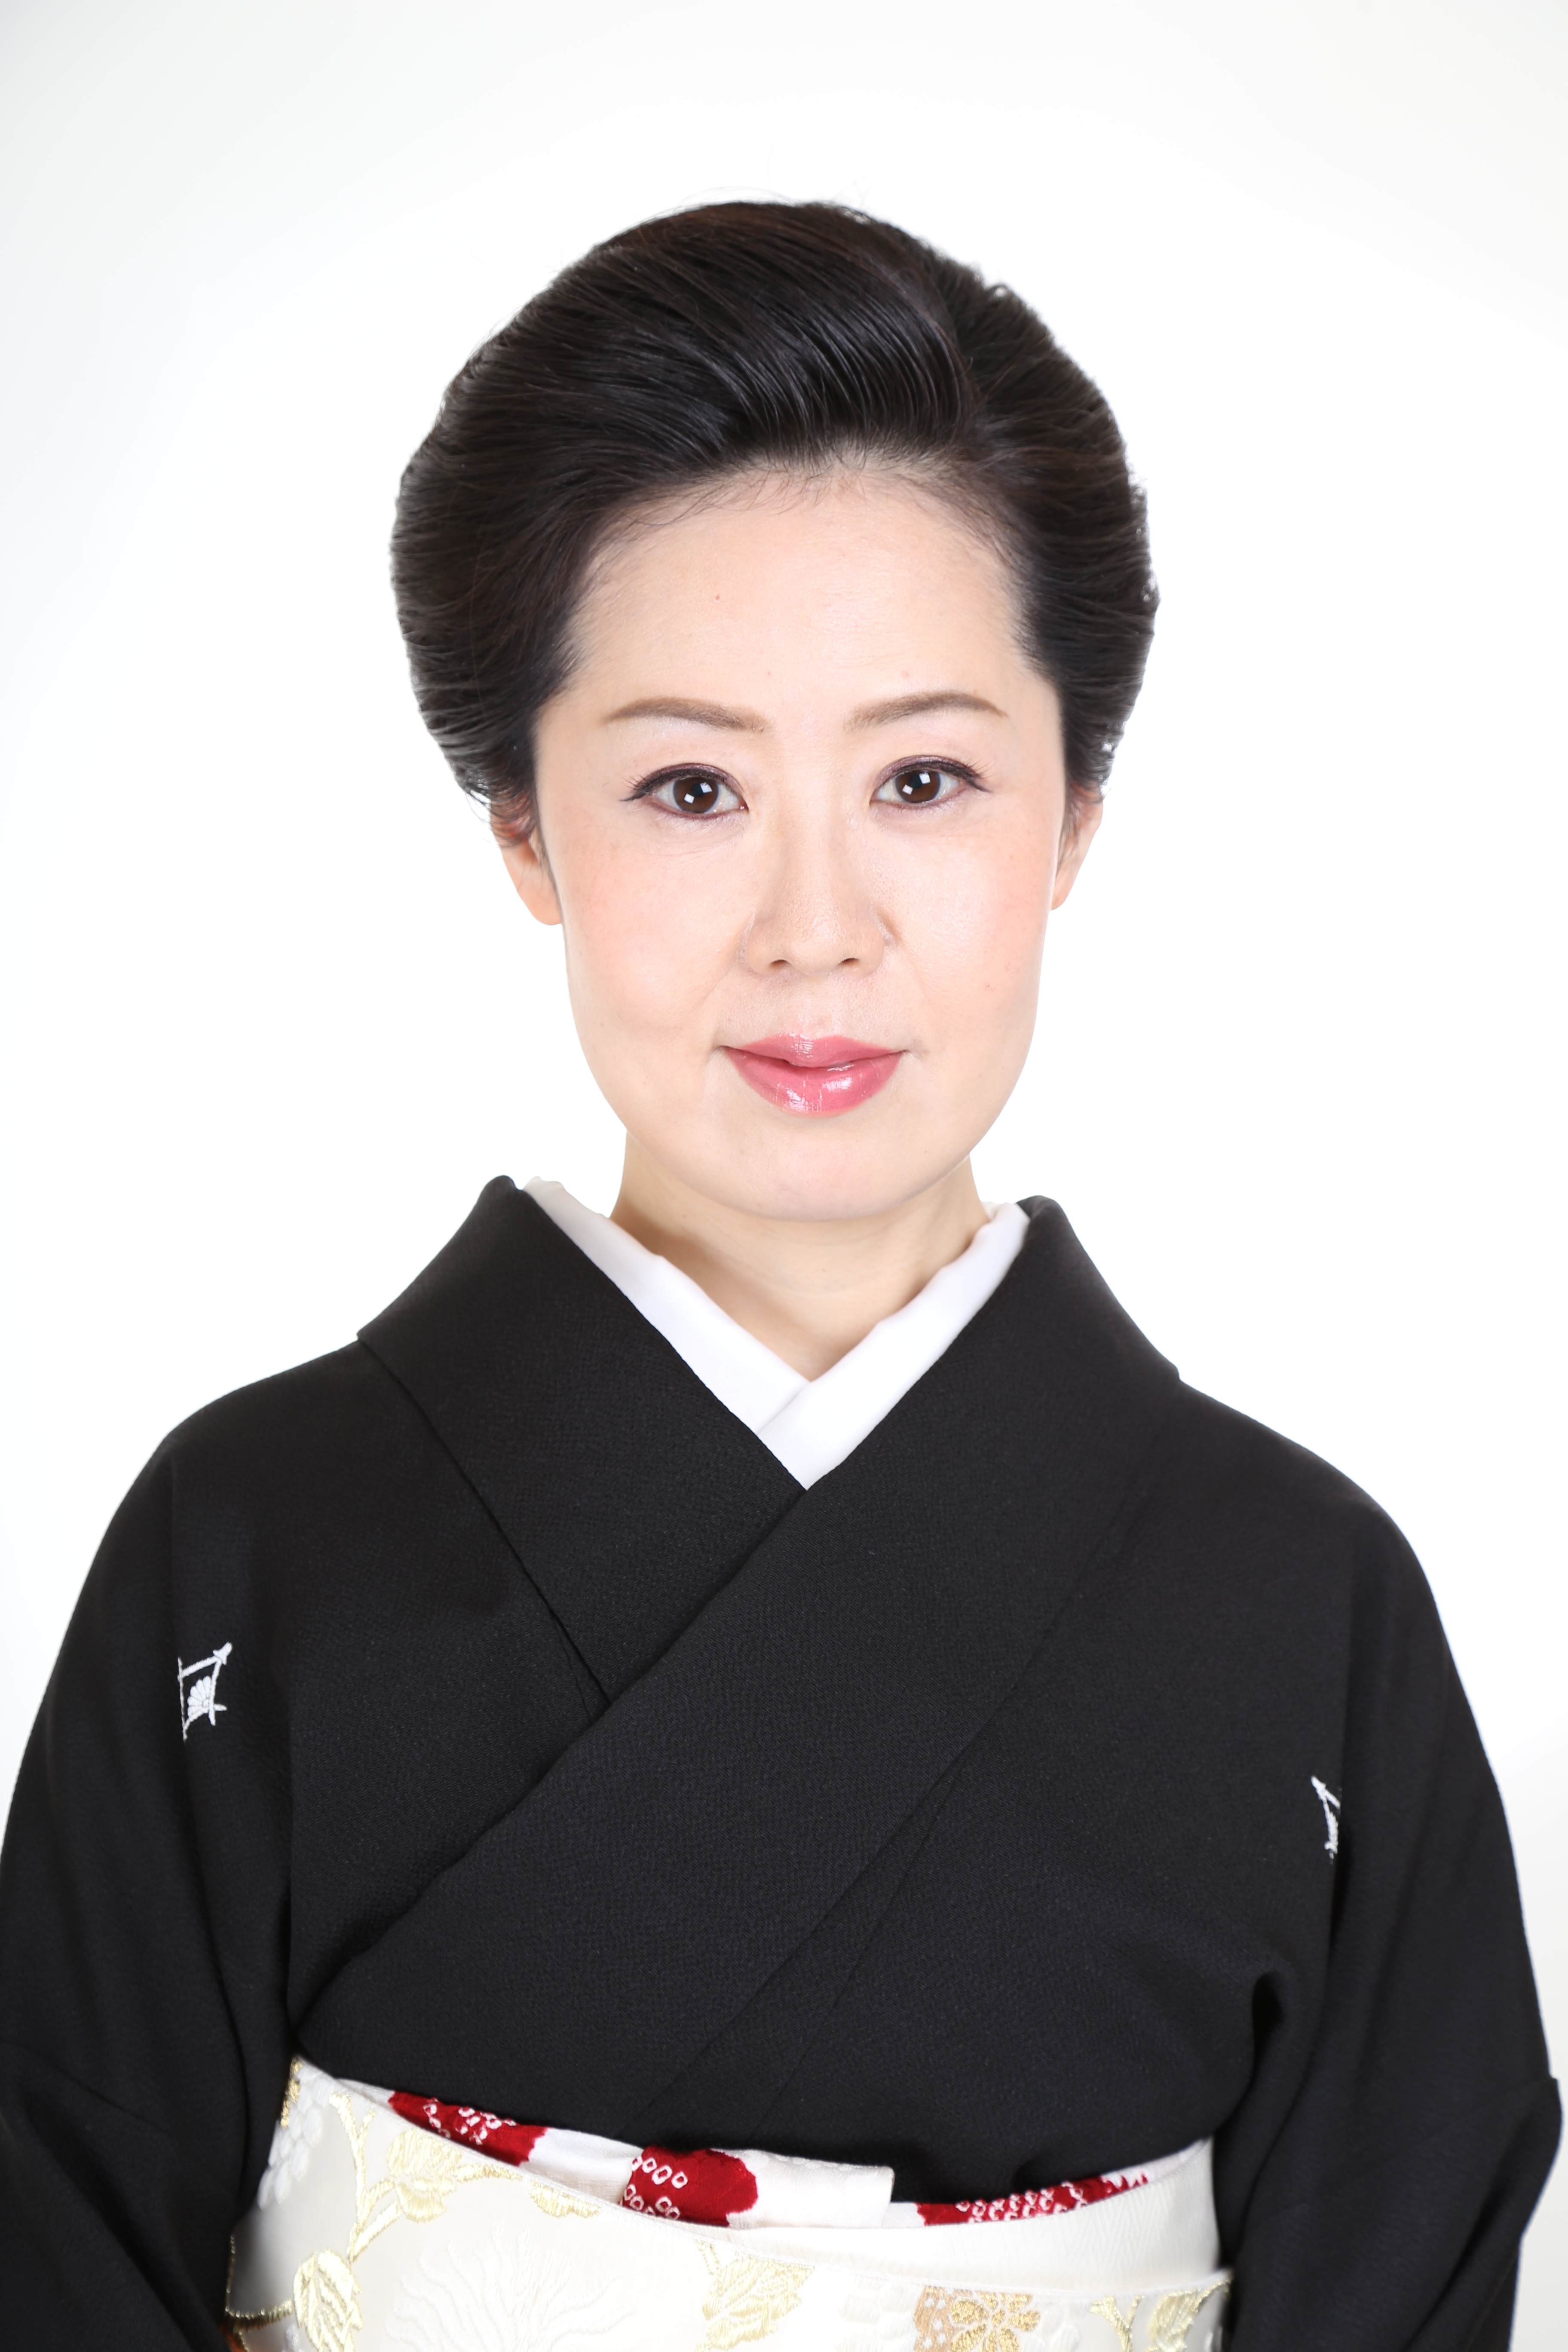 富士松菊子(ふじまつ きくこ)